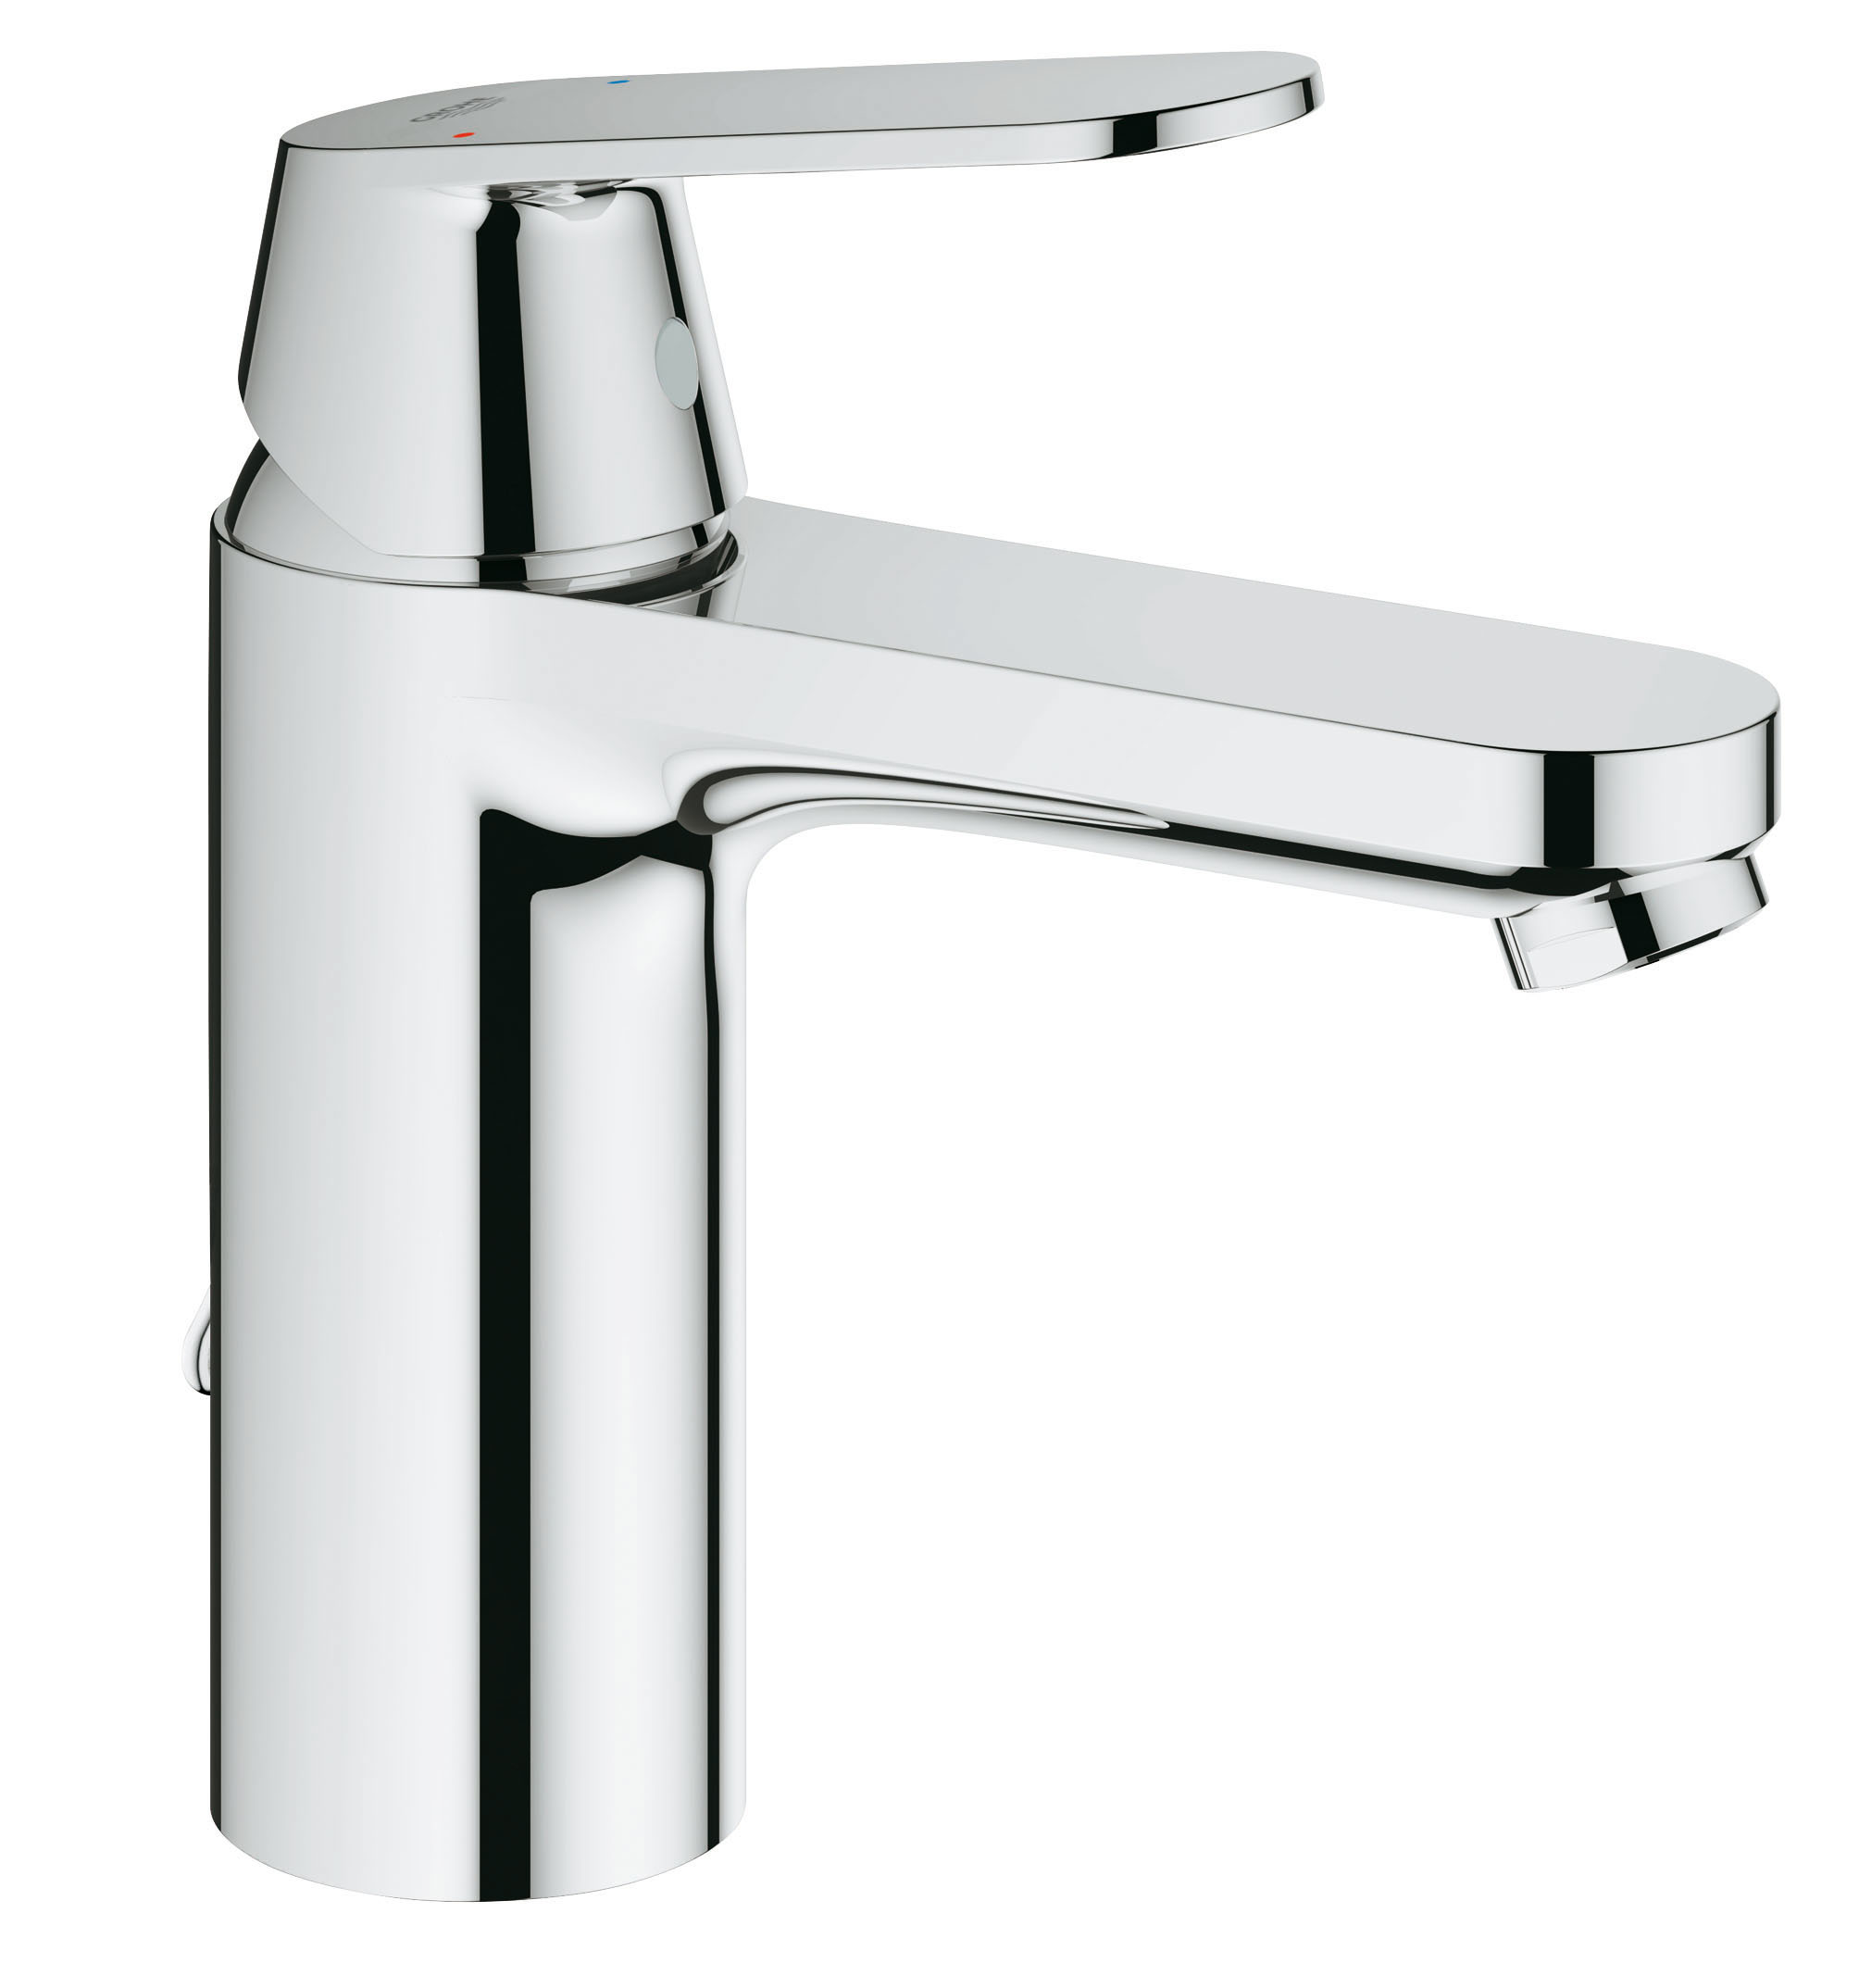 Если вы подбираете для ванной комнаты смеситель, который экономно расходует воду и при этом обеспечивает максимум комфорта, то он перед вами! Однорычажный смеситель с цепочкой с возвратным механизмом GROHE Eurosmart Cosmopolitan позволяет сократить расход воды практически вдвое. Экономя средства без ущерба для собственного комфорта, вы сможете полноценно наслаждаться повседневными водными процедурами. Этот смеситель Eurosmart Cosmopolitan, демонстрирующий качество высшего уровня и формой, и содержанием, станет великолепным выбором для оснащения вашей ванной комнаты. Особенности   монтаж на одно отверстие  средняя высота  металлический рычаг  GROHE SilkMove керамический картридж 35 мм  GROHE StarLight хромированная поверхность  GROHE EcoJoy аэратор  цепочка  гибкая подводка  GROHE QuickFix быстрая монтажная система  дополнительный ограничитель температуры (46375000)   Видео по установке является исключительно информационным. Установка должна проводиться профессионалами!